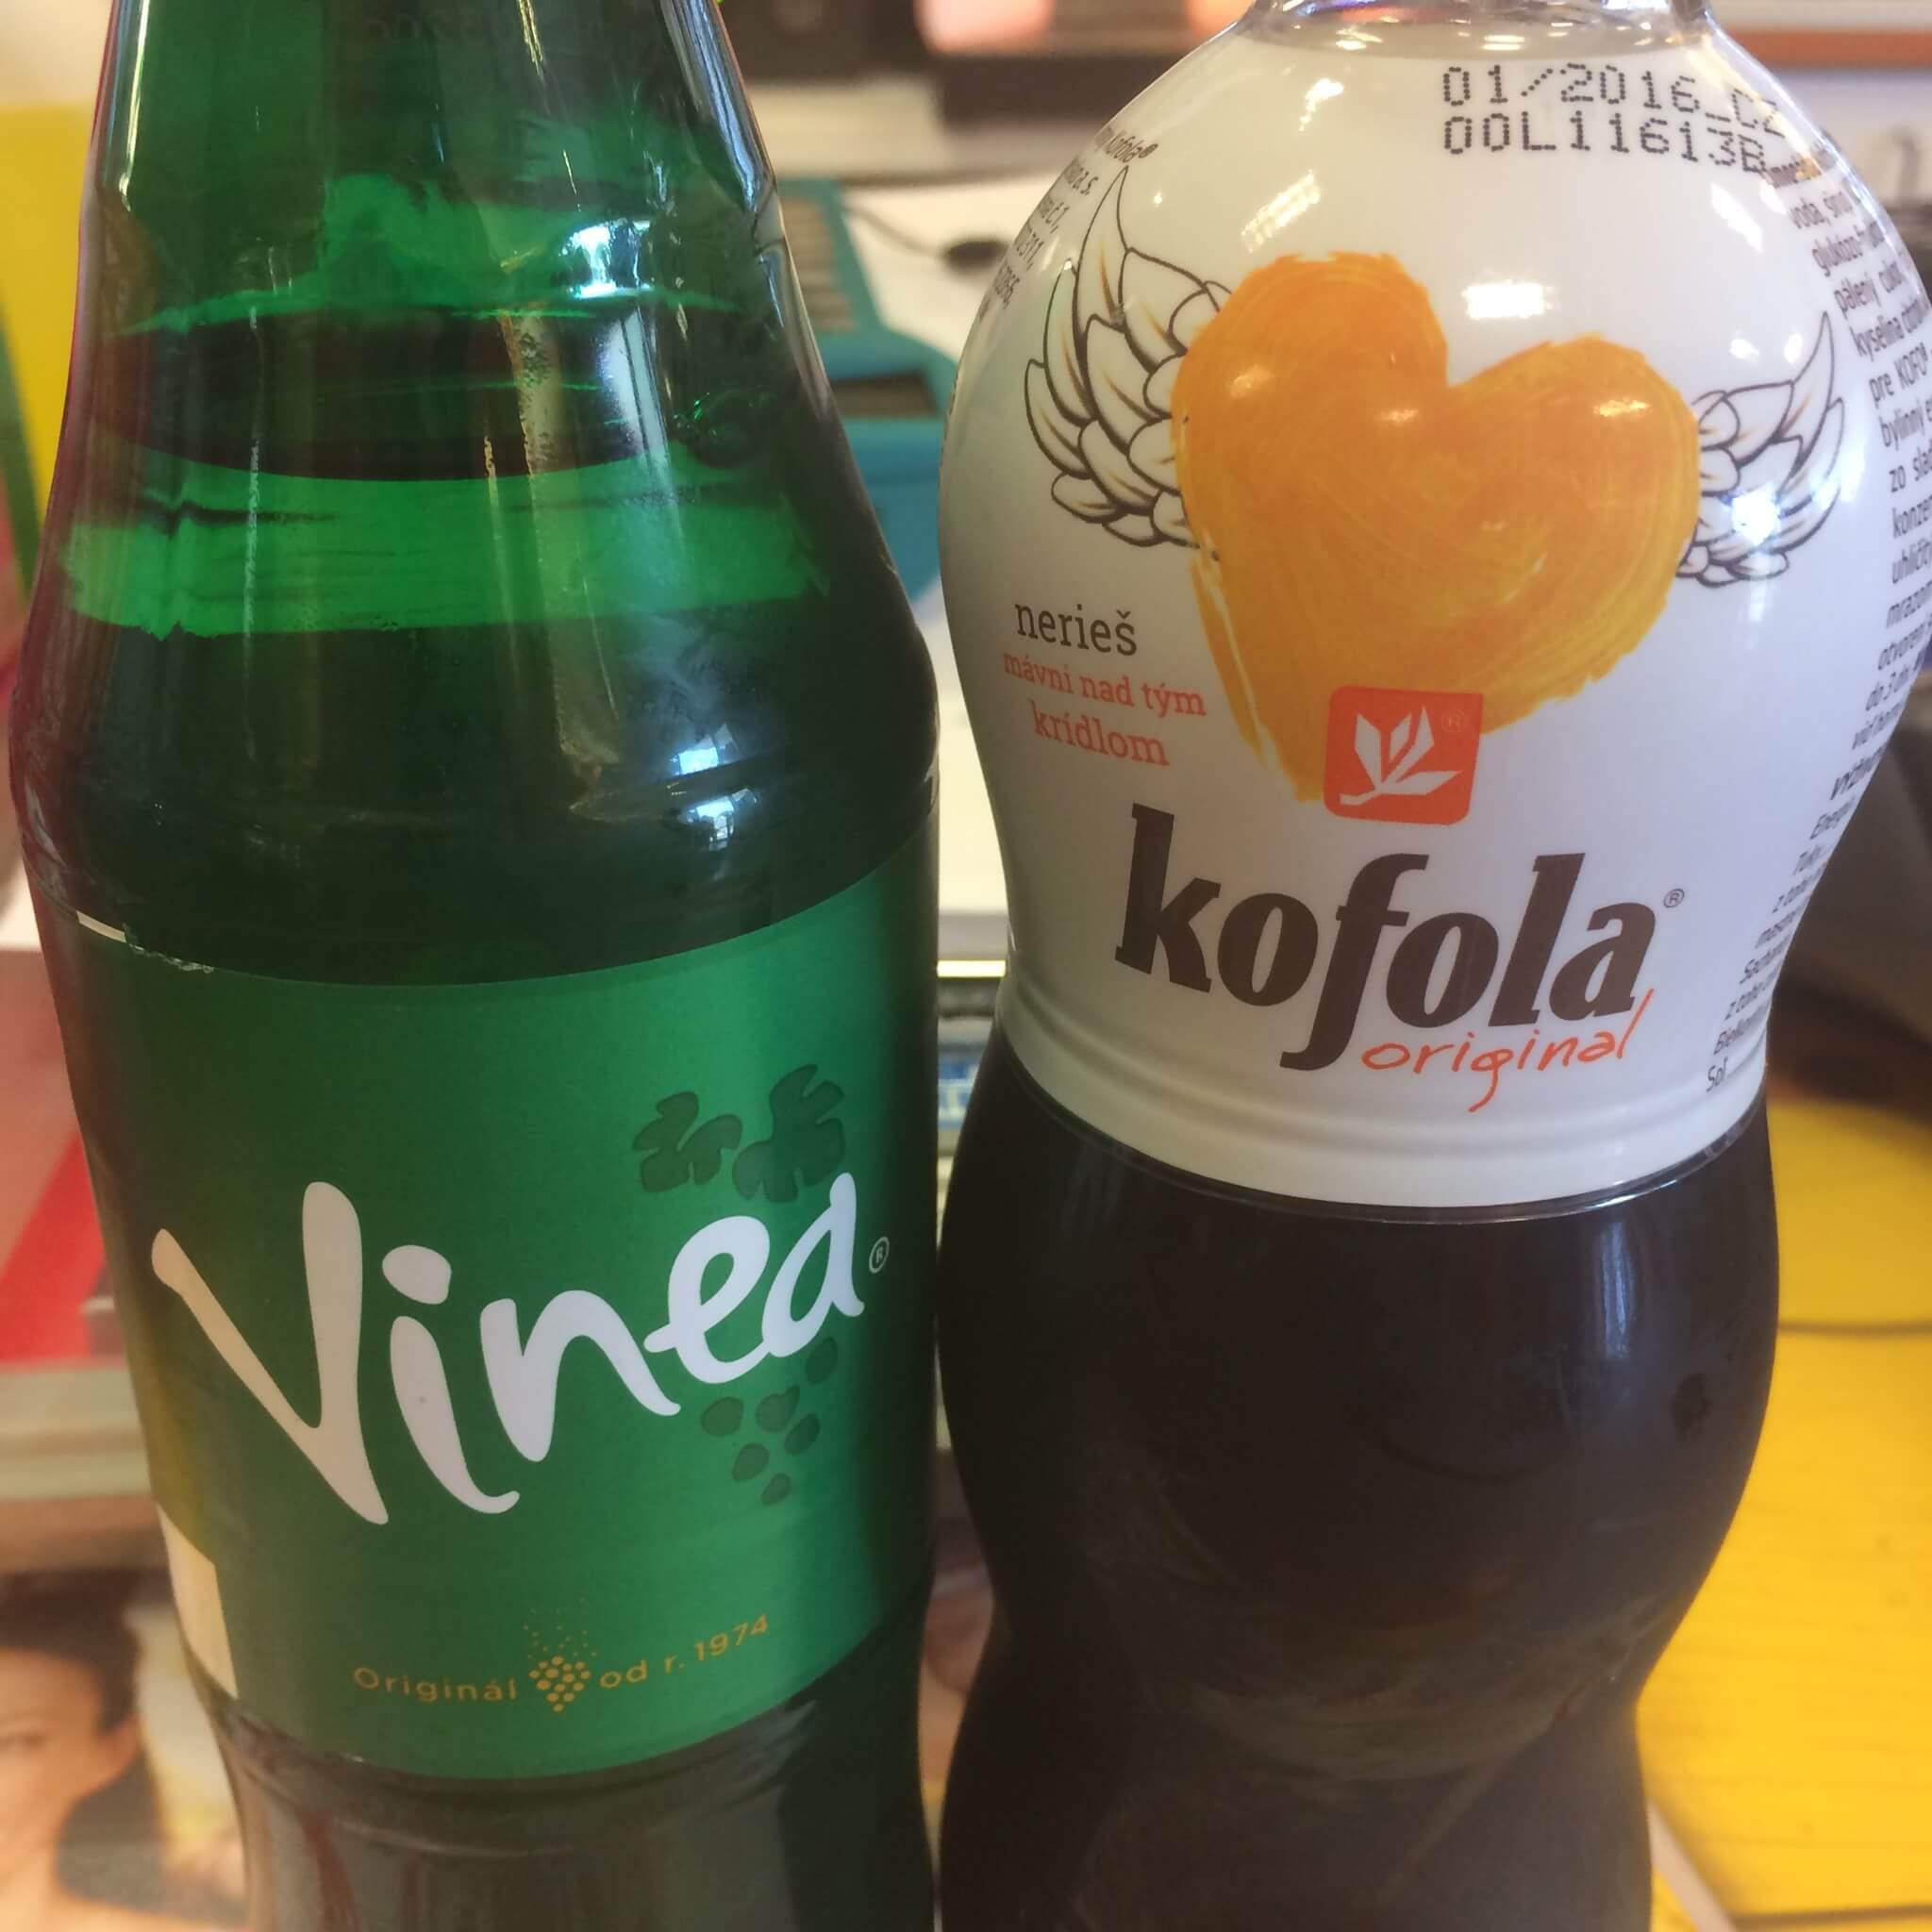 Kofola & Vinea